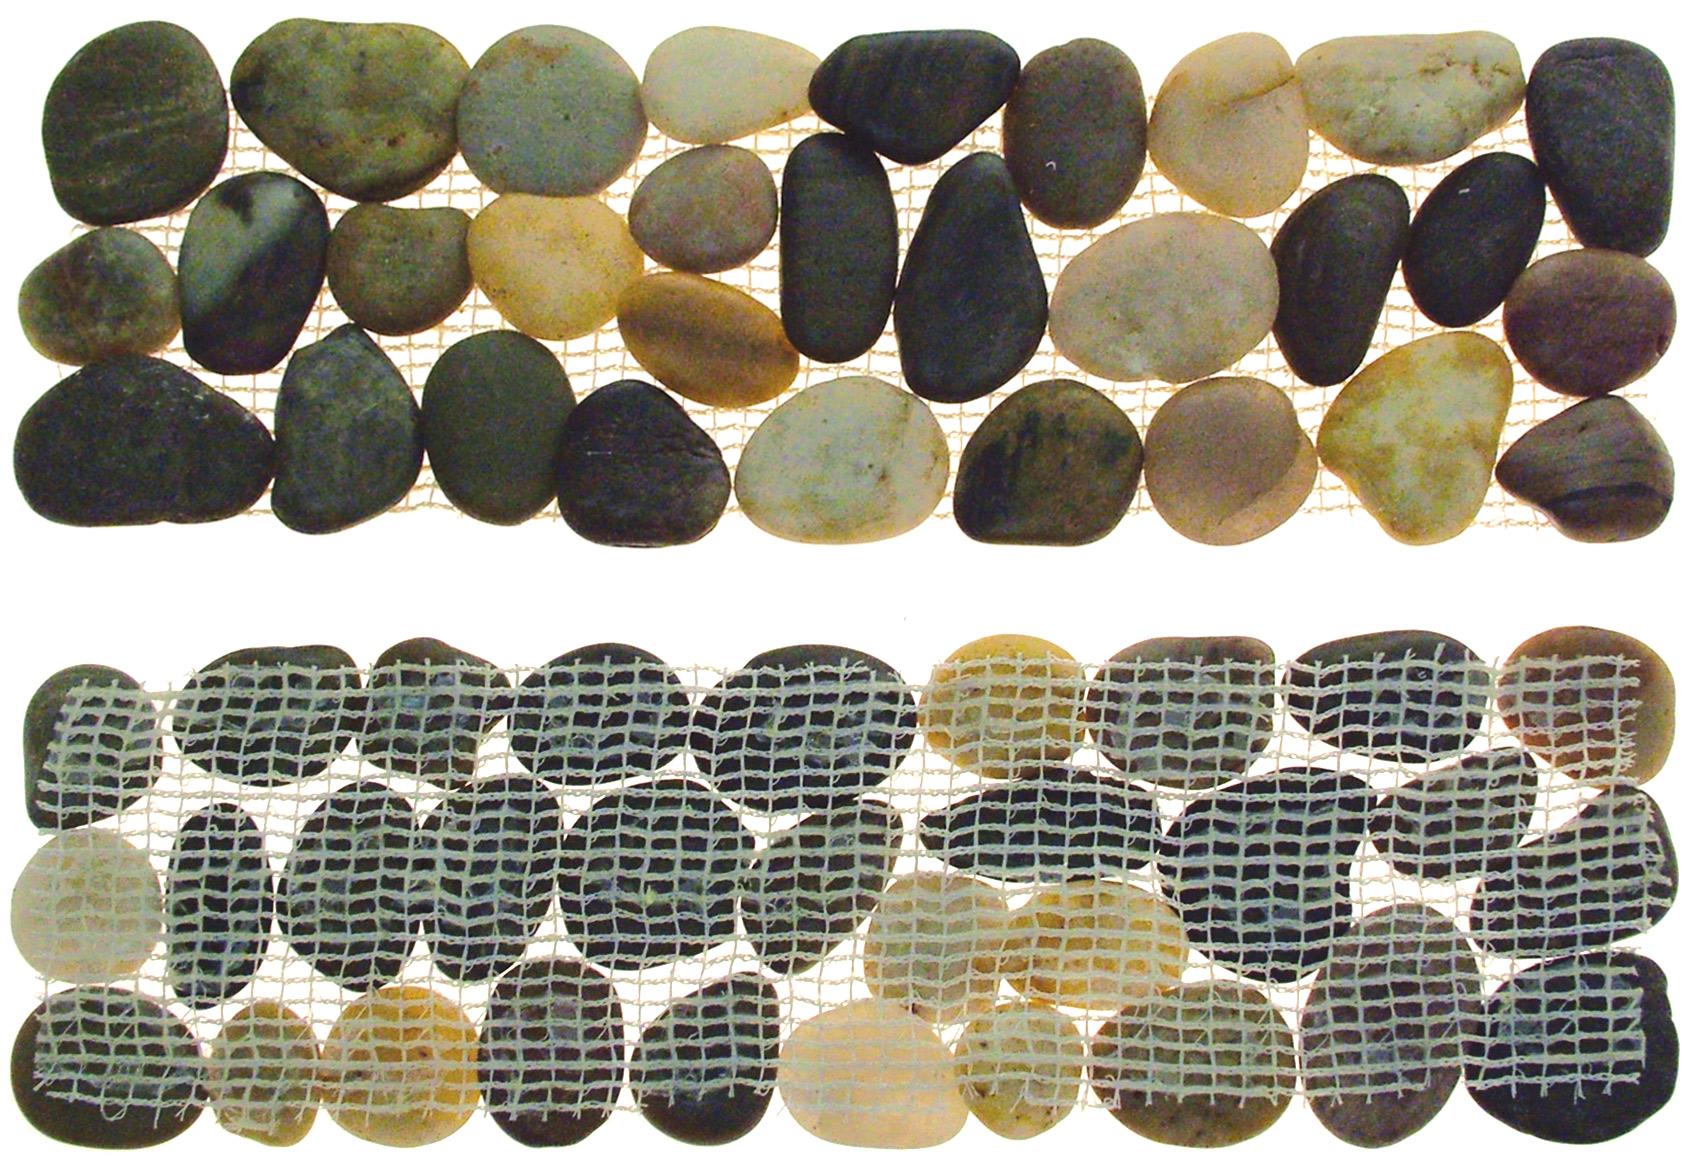 Azulejos Baño Lechada Cemento:Guijarros Jardín / Cuarto Baño Azulejo Frontera 4/8/12/16/20 Tiras